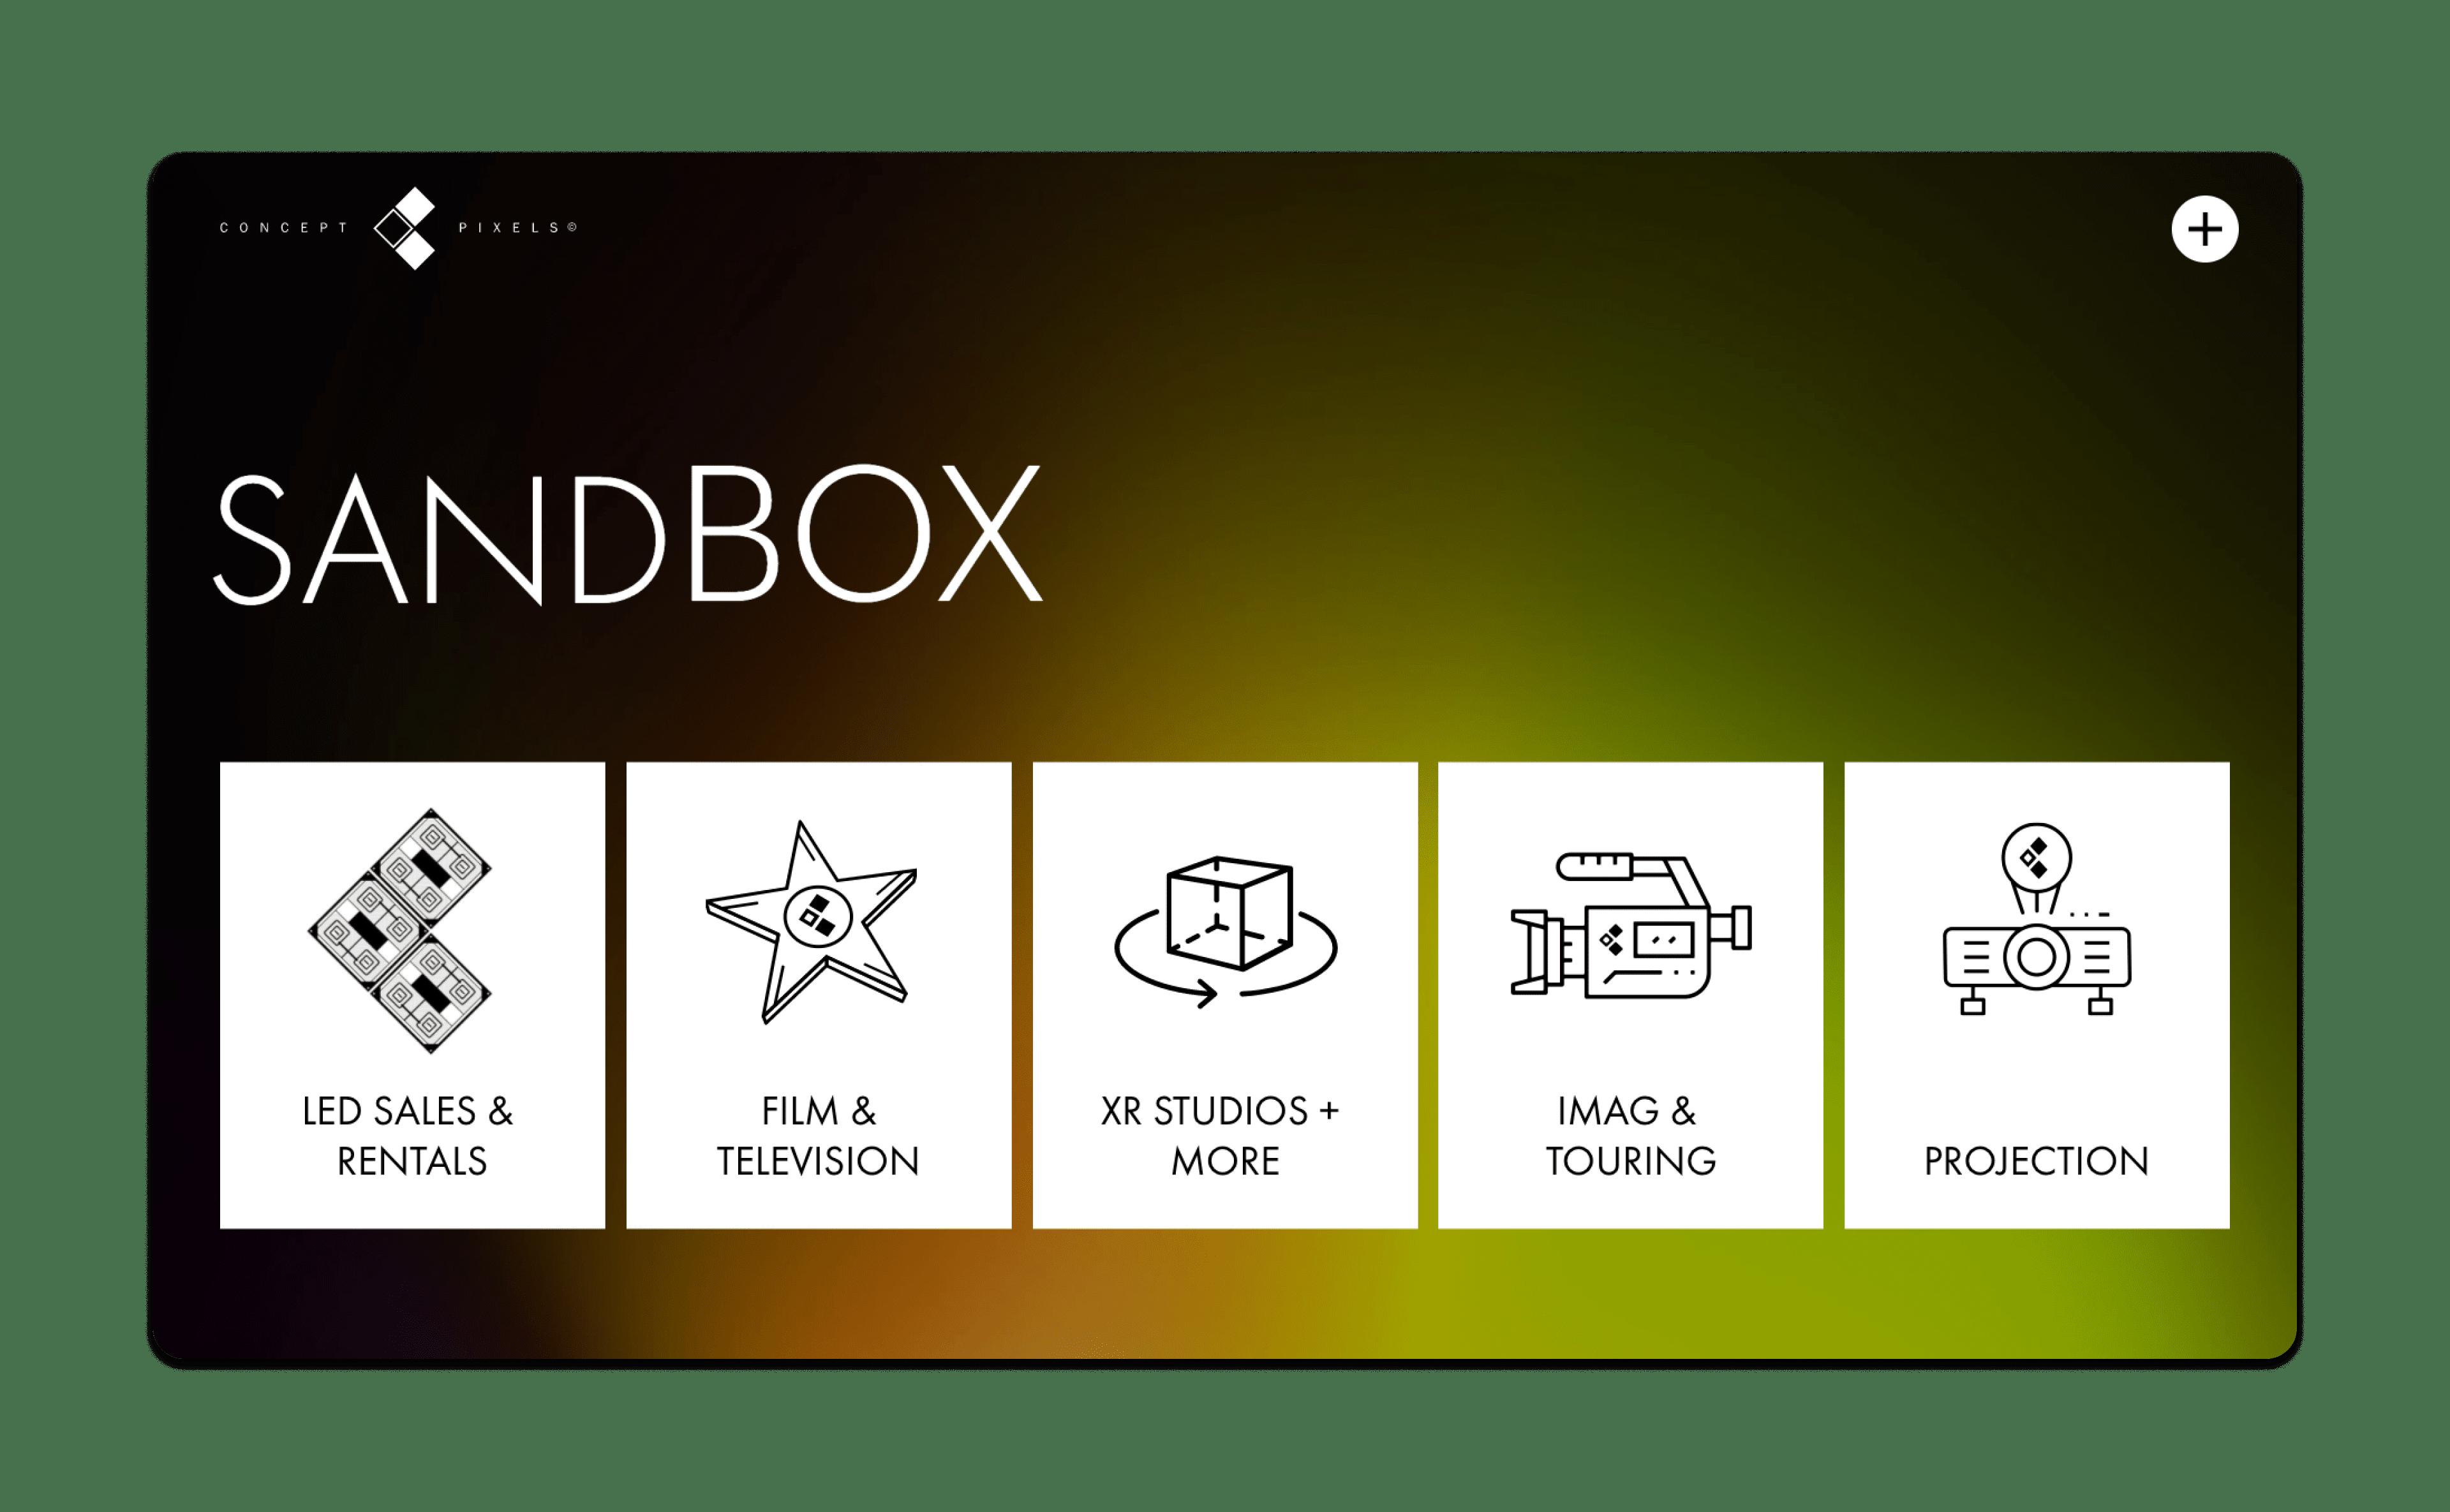 conceptpixels-sandbox